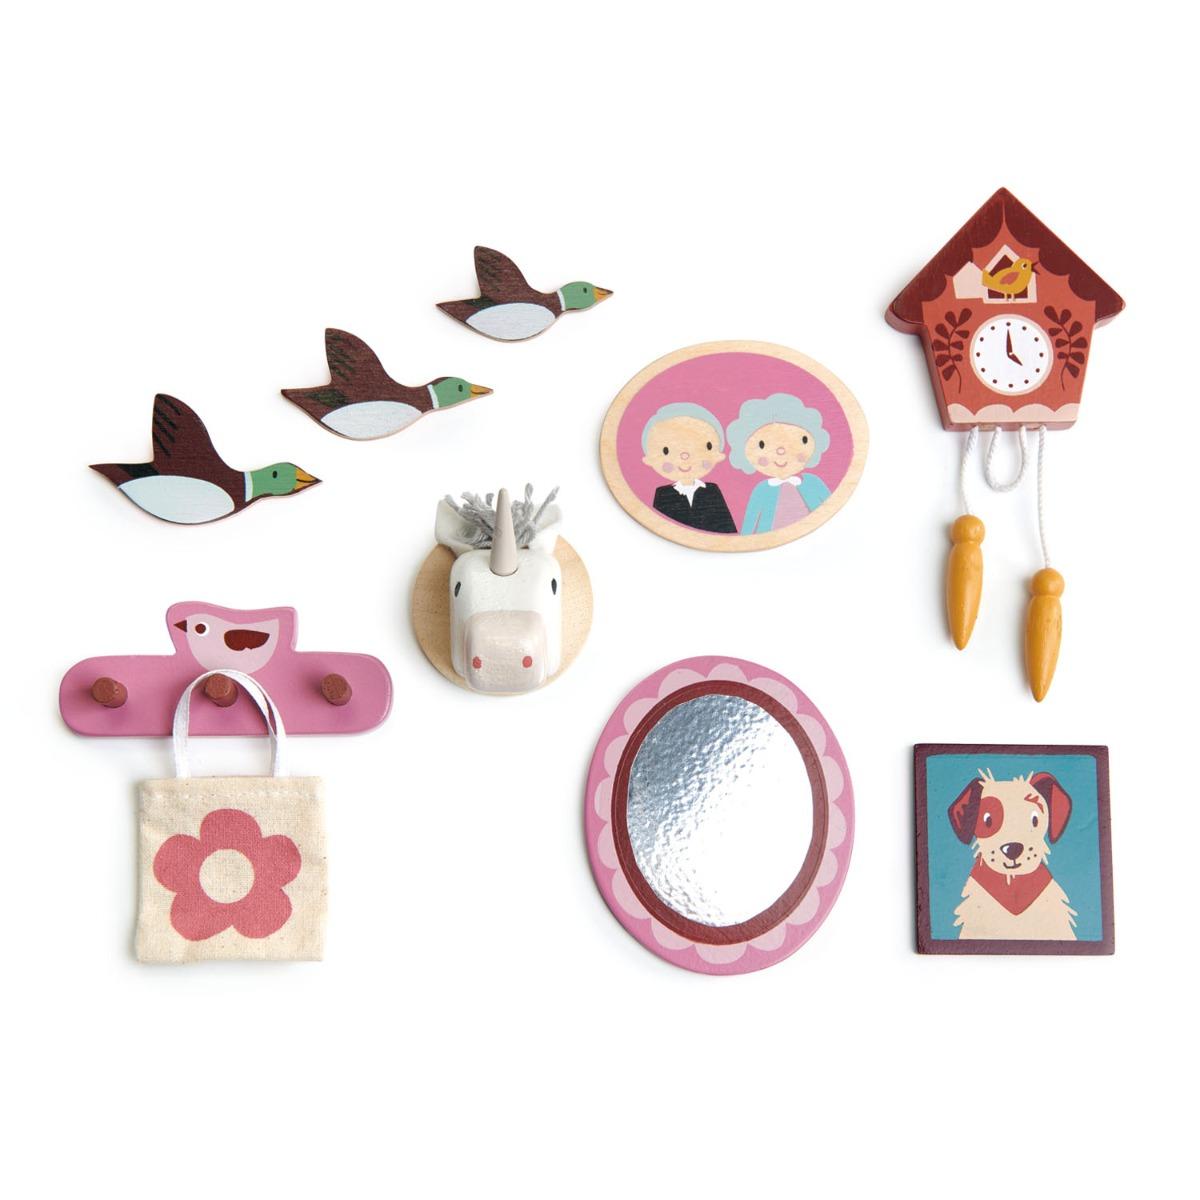 Decoratiuni pentru perete, din lemn, pentru Casute de papusa, Tender Leaf Toys, 10 piese imagine